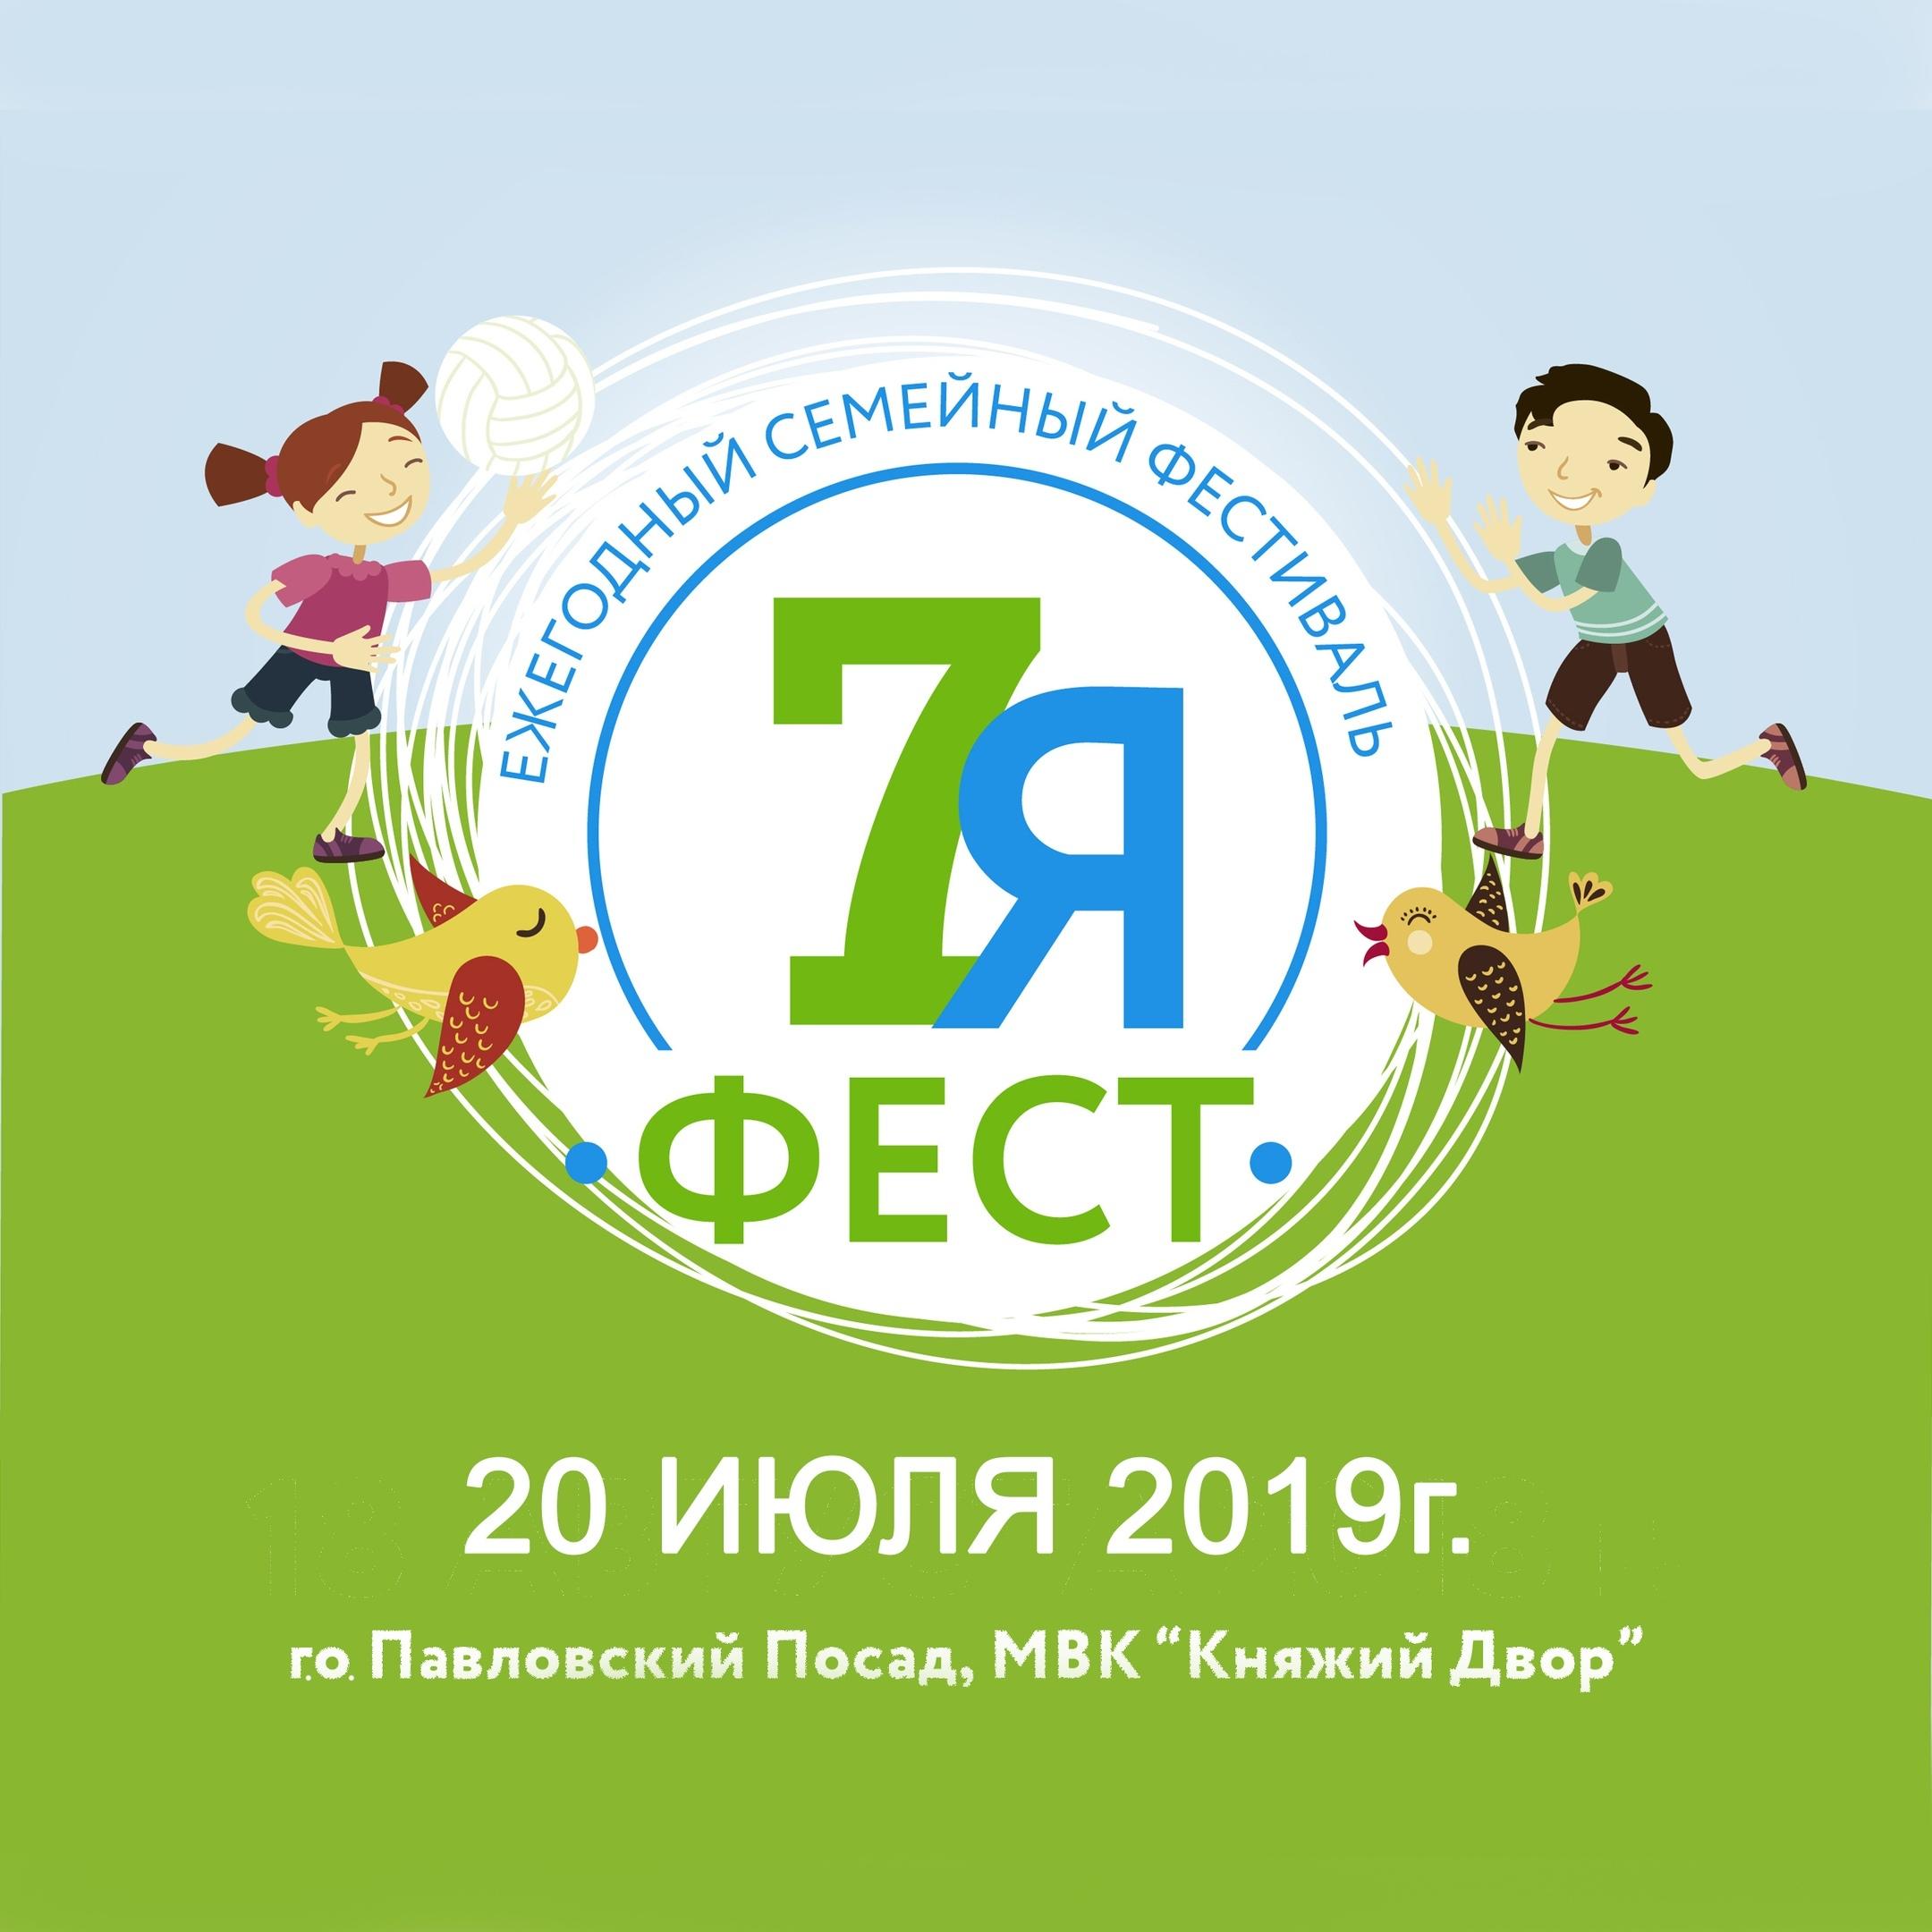 IV Ежегодный Региональный семейный Фестиваль «7яФест» пройдет 20 июля